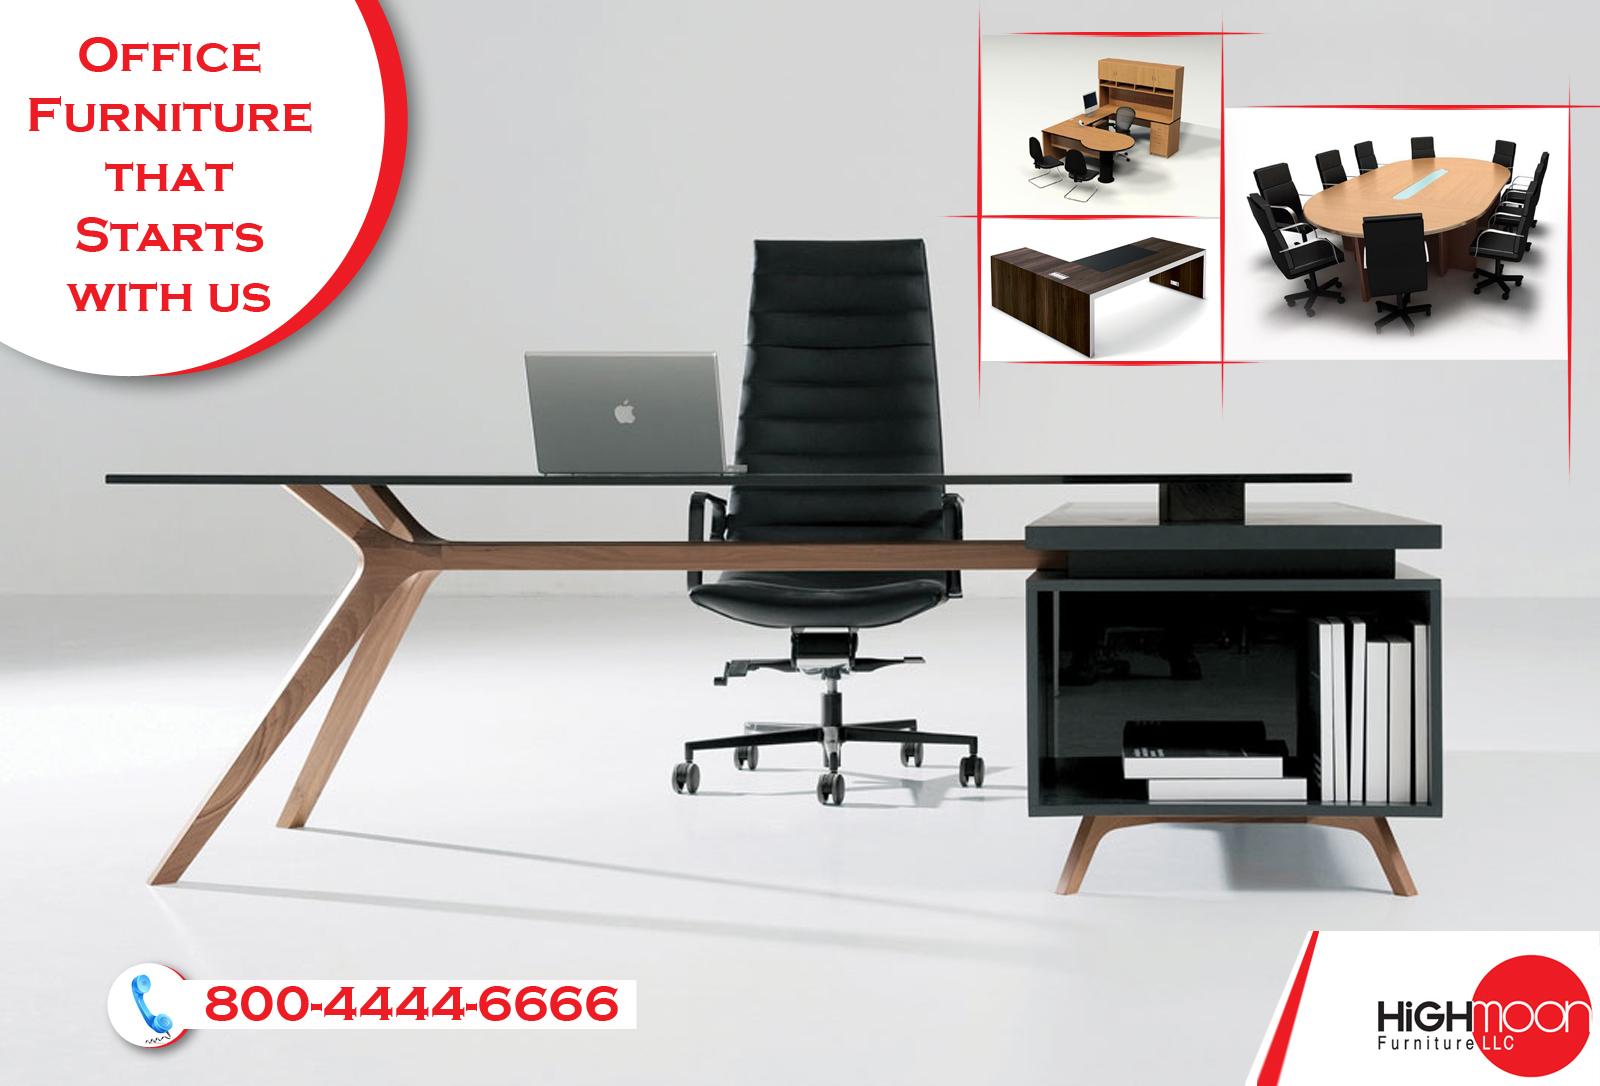 office furniture company in dubai